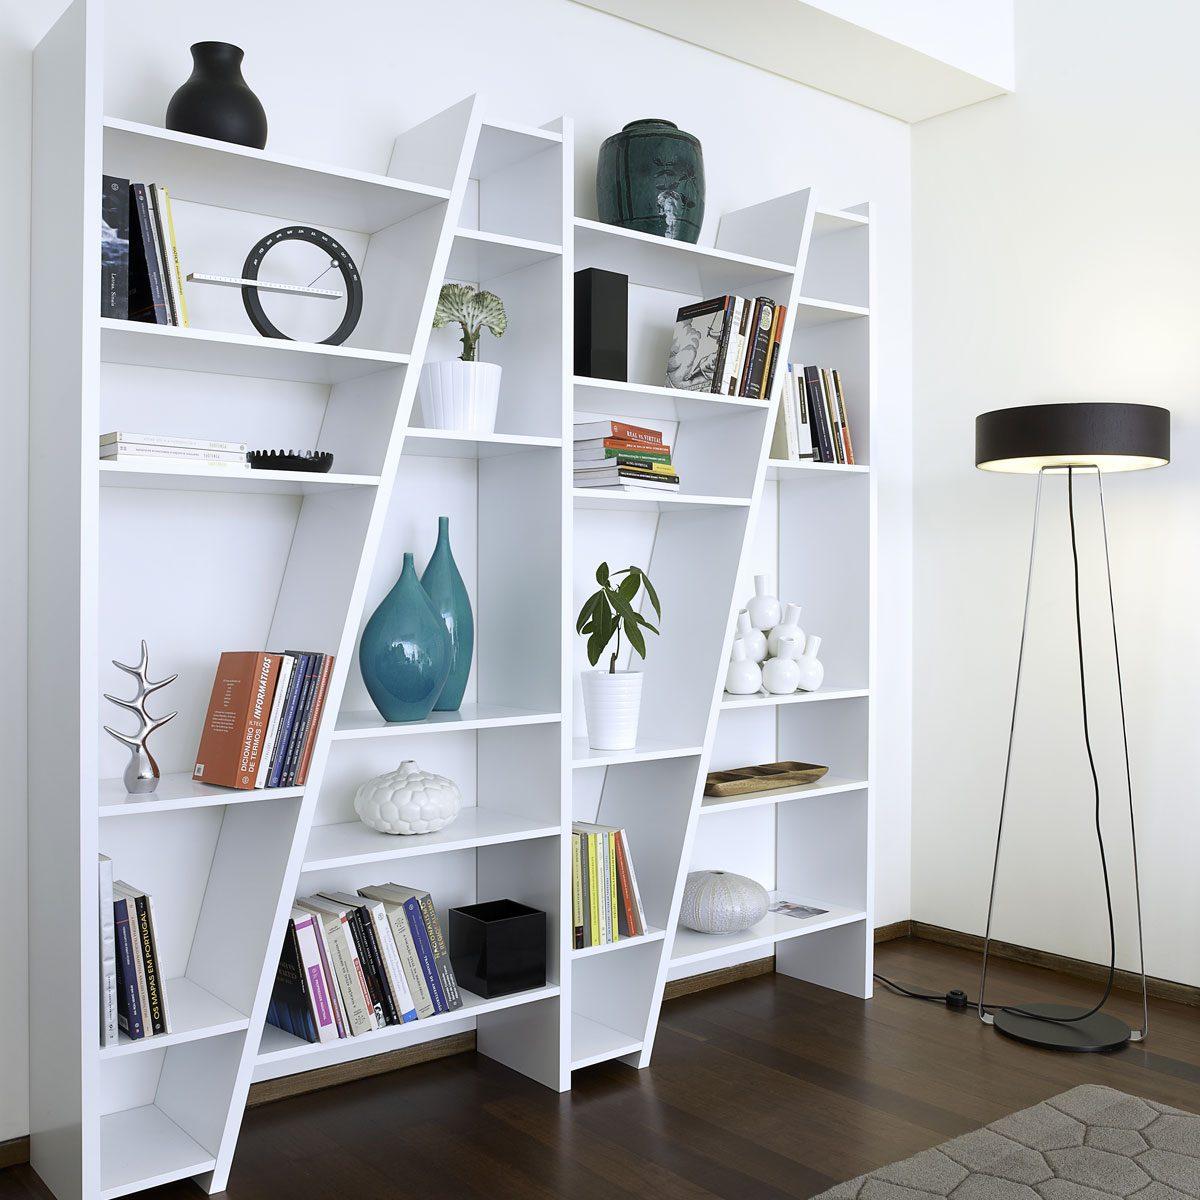 ¿Cómo organizar tu casa y aprovechar los espacios?